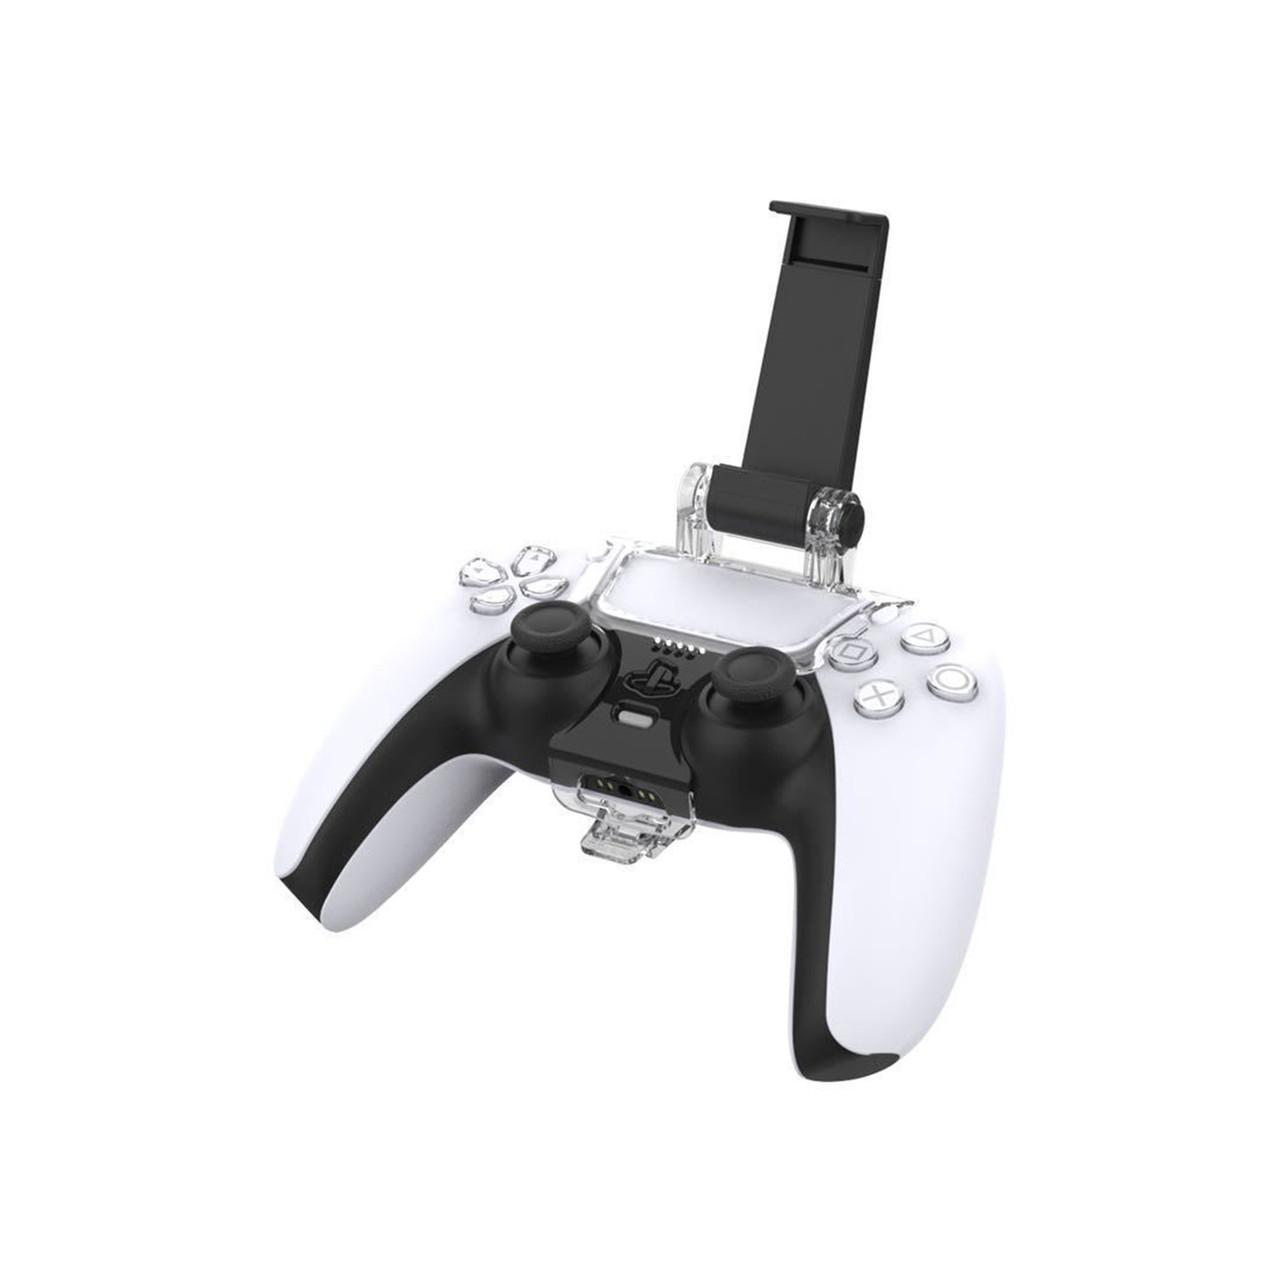 Держатель Крепление для смартфона на геймпад джойстик Playstation PS5 DualSense 5